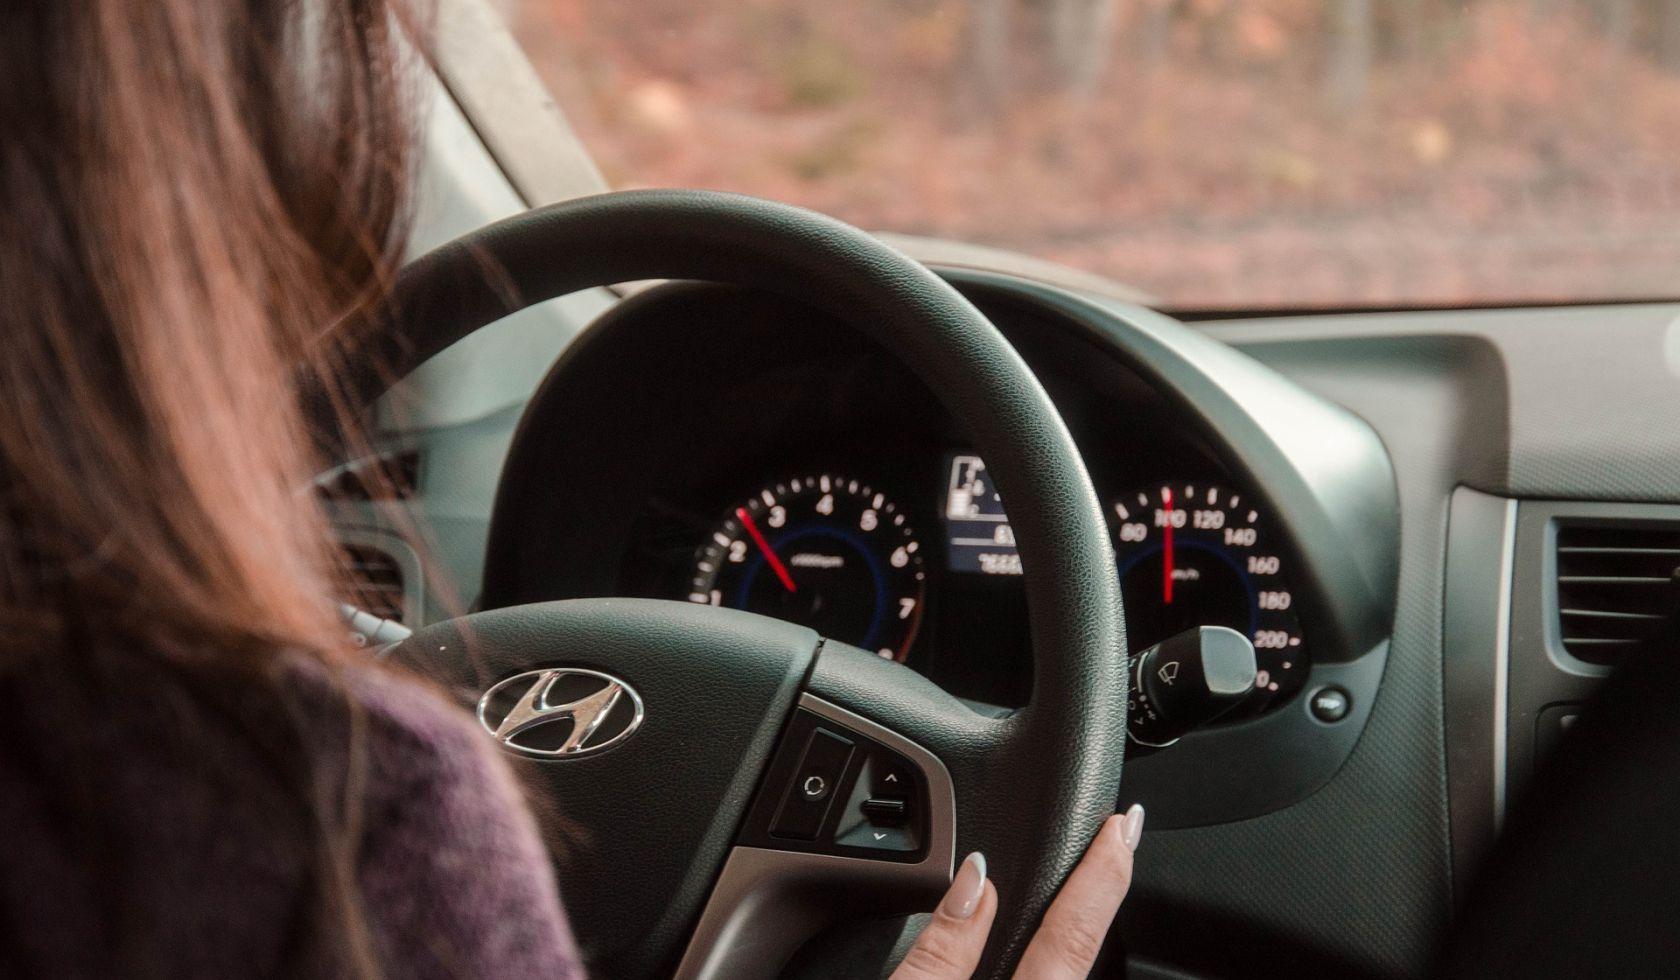 Choisir une assurance : quelles sont les exigences d'une assurance auto jeune conducteur ?